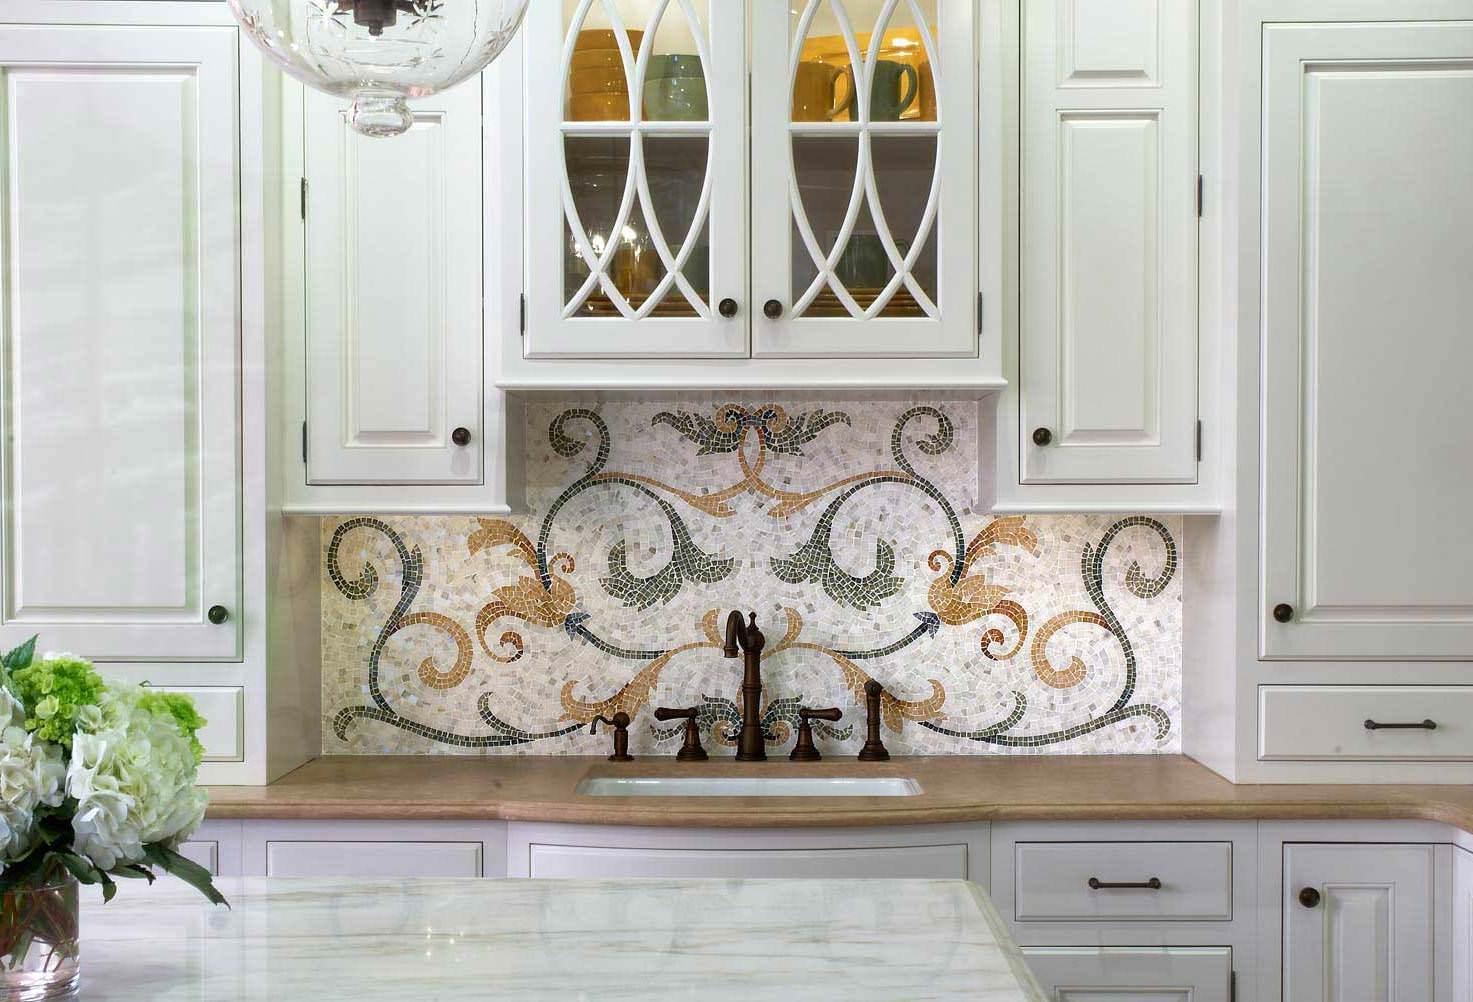 Мозаичный орнамент над зоной раковины